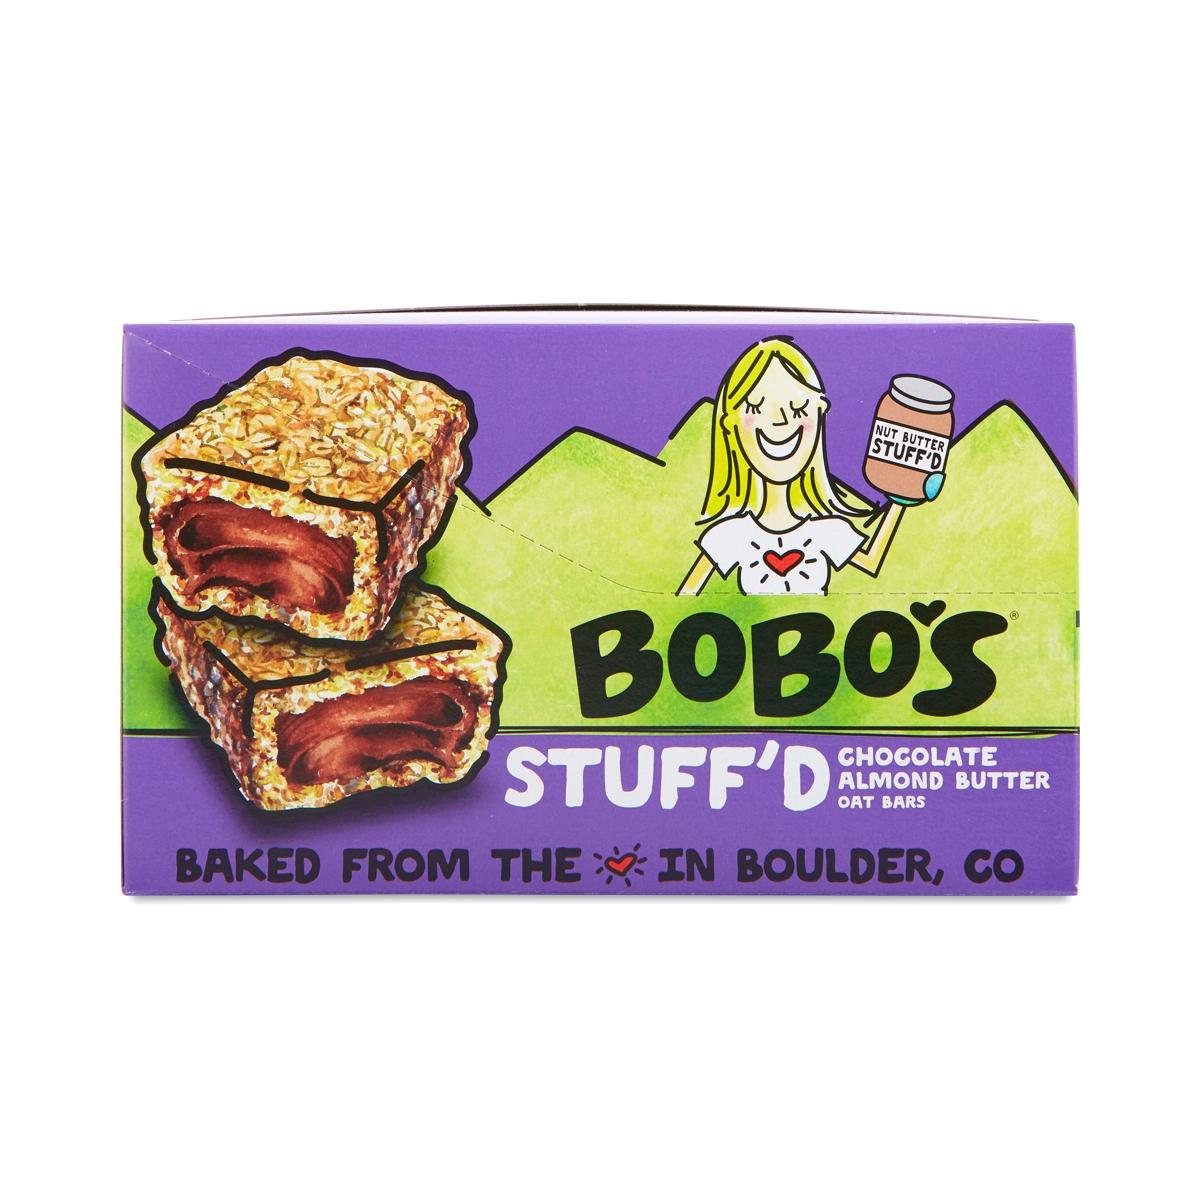 Bobo's Oat Bars Chocolate Almond Butter Filled Oat Bars twelve 2.5 oz bars